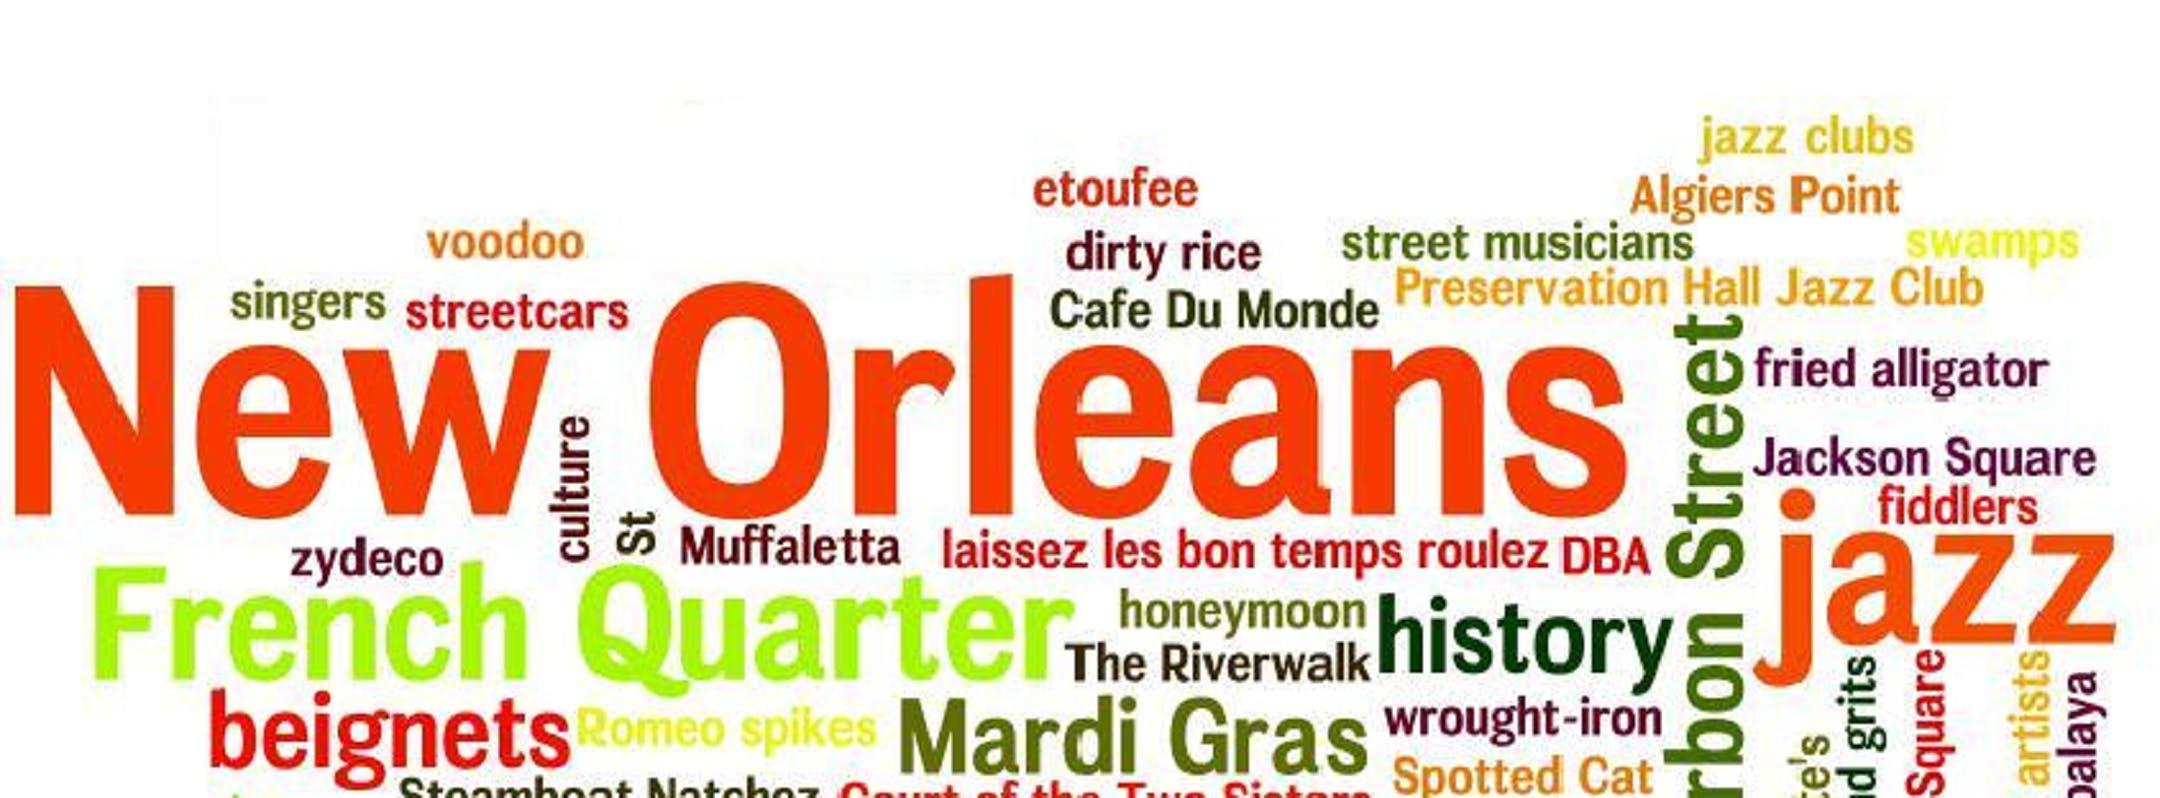 New Orleans L.A. Bus Tour